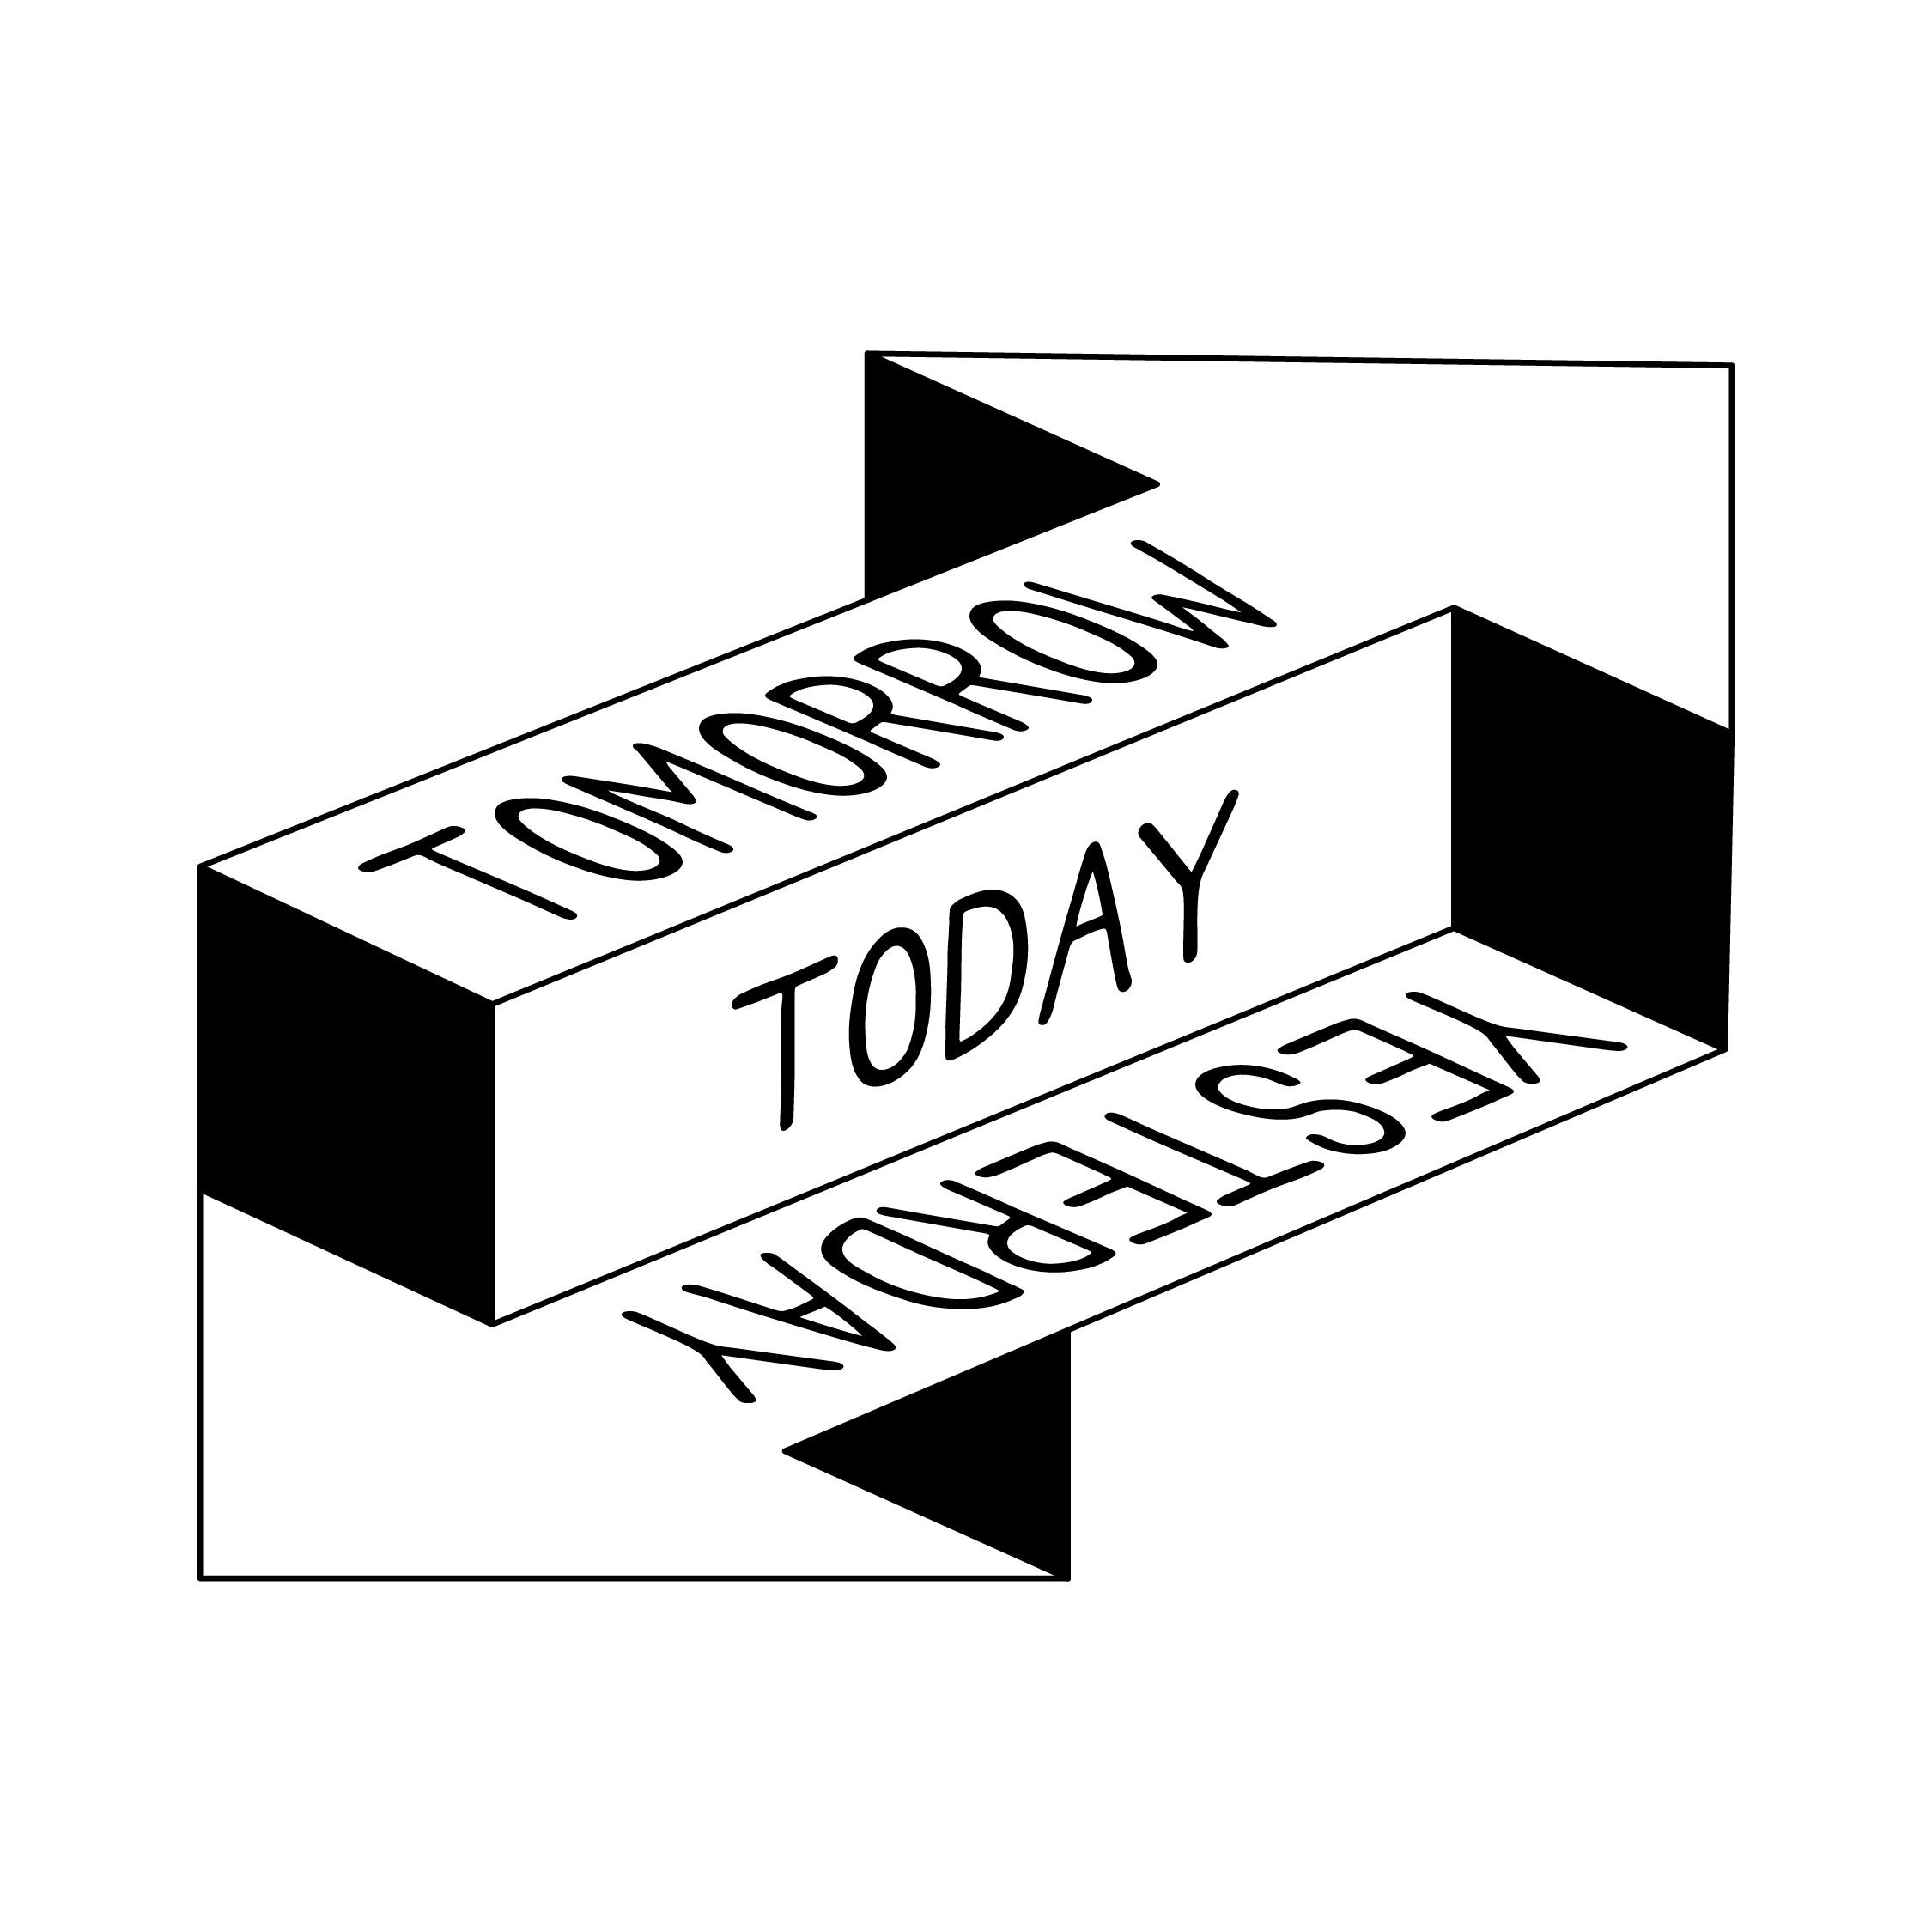 yesterdaytodaytomorrow-01.jpg